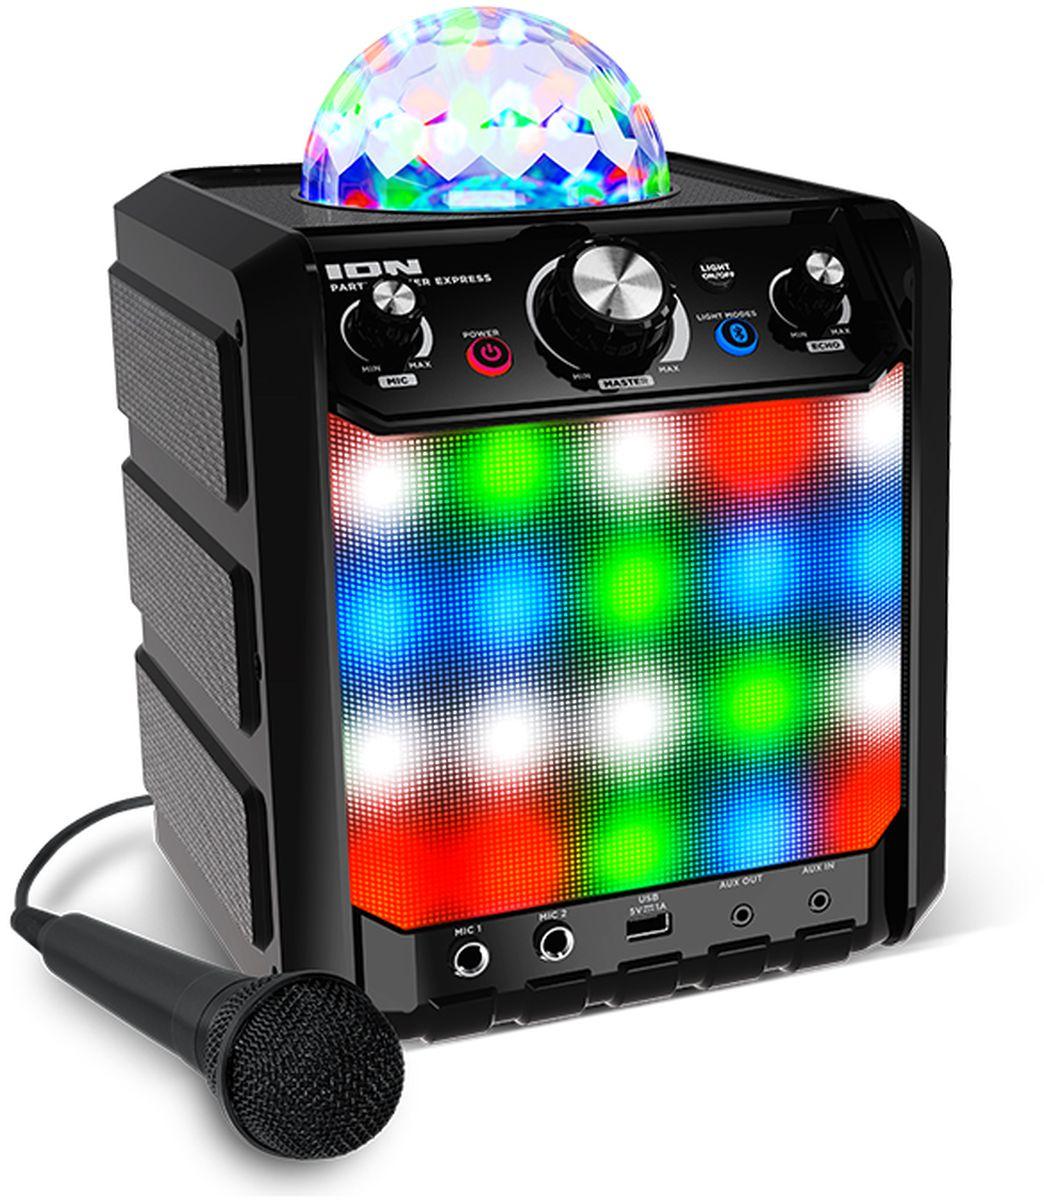 ION Party Rocker Express, Black портативная акустическая система - Портативная акустика